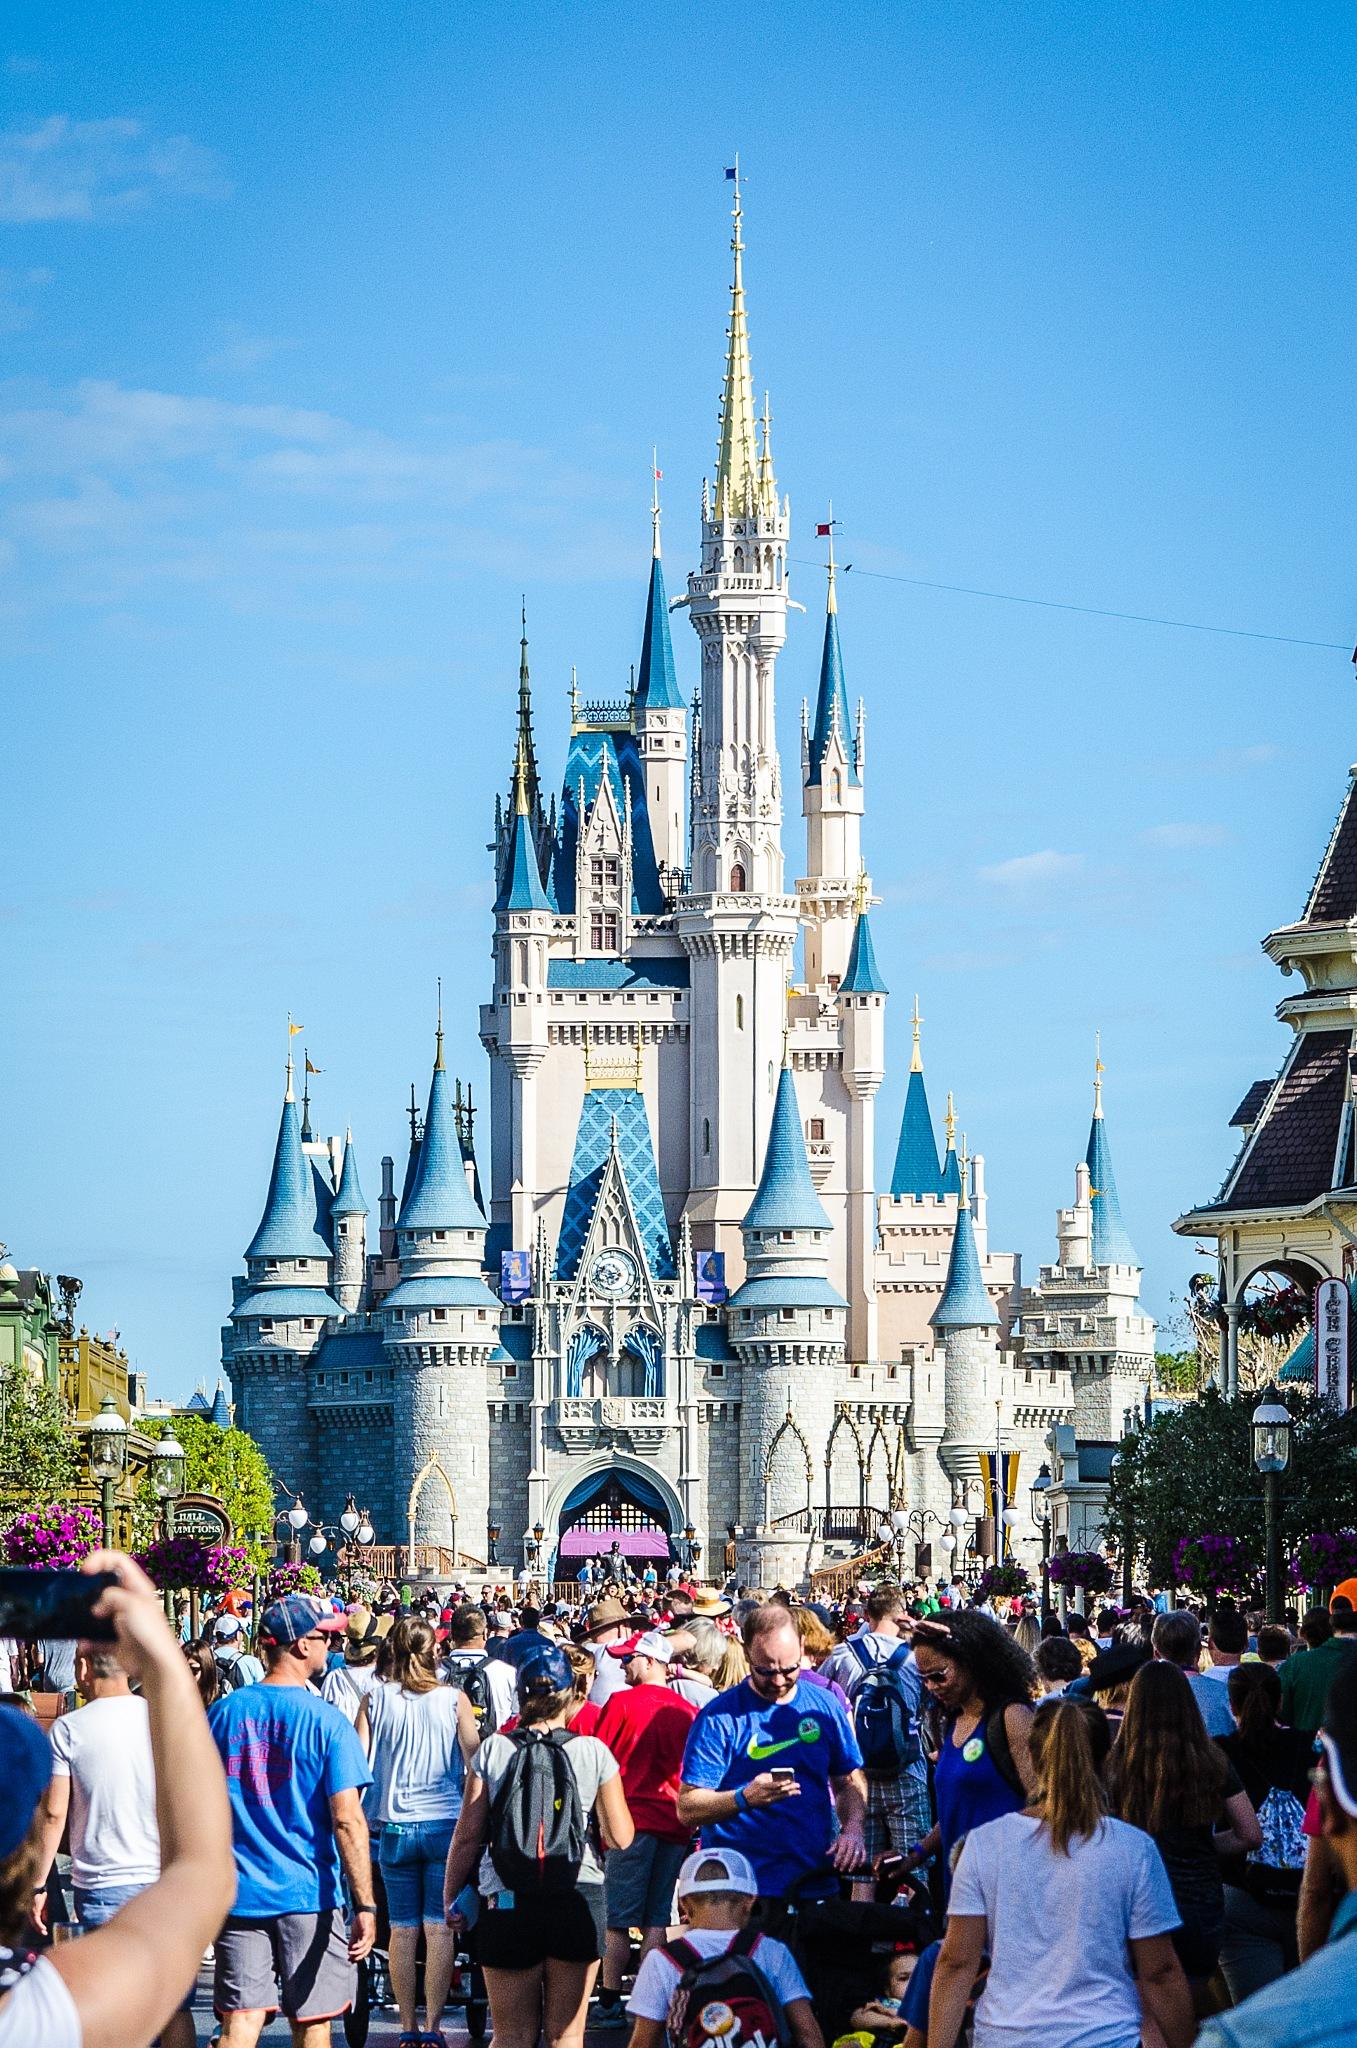 Cinderellas Castle by Derek Pogue